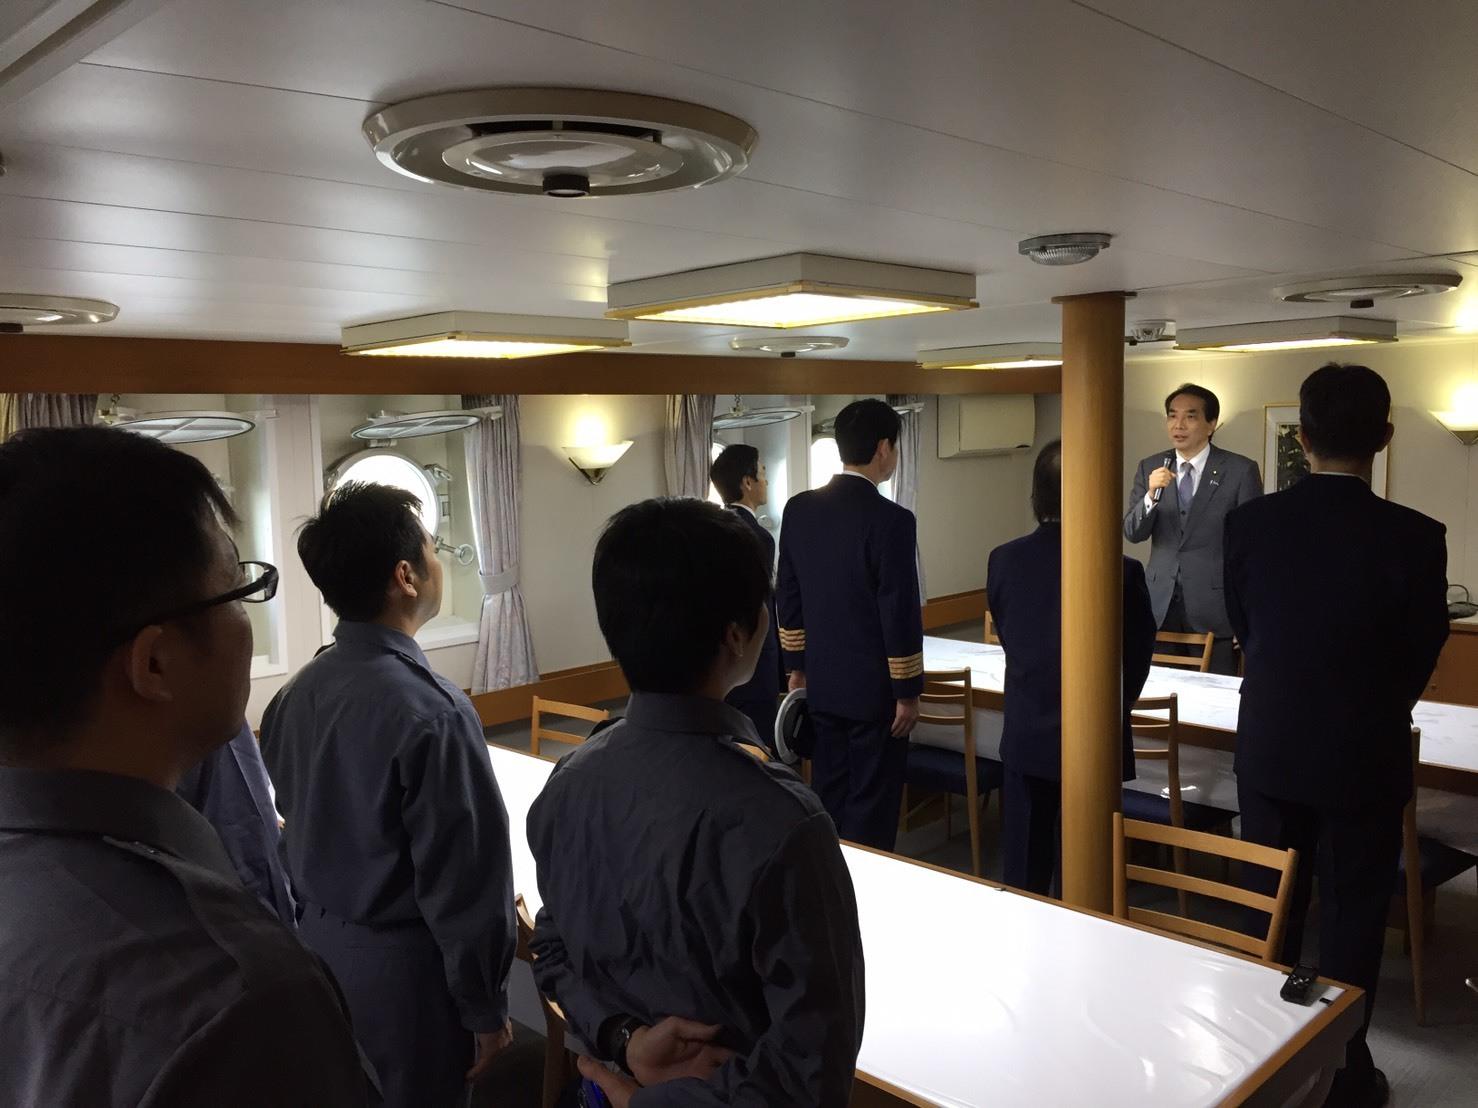 漁業取締船「照洋丸」視察_a0143152_19500520.jpeg